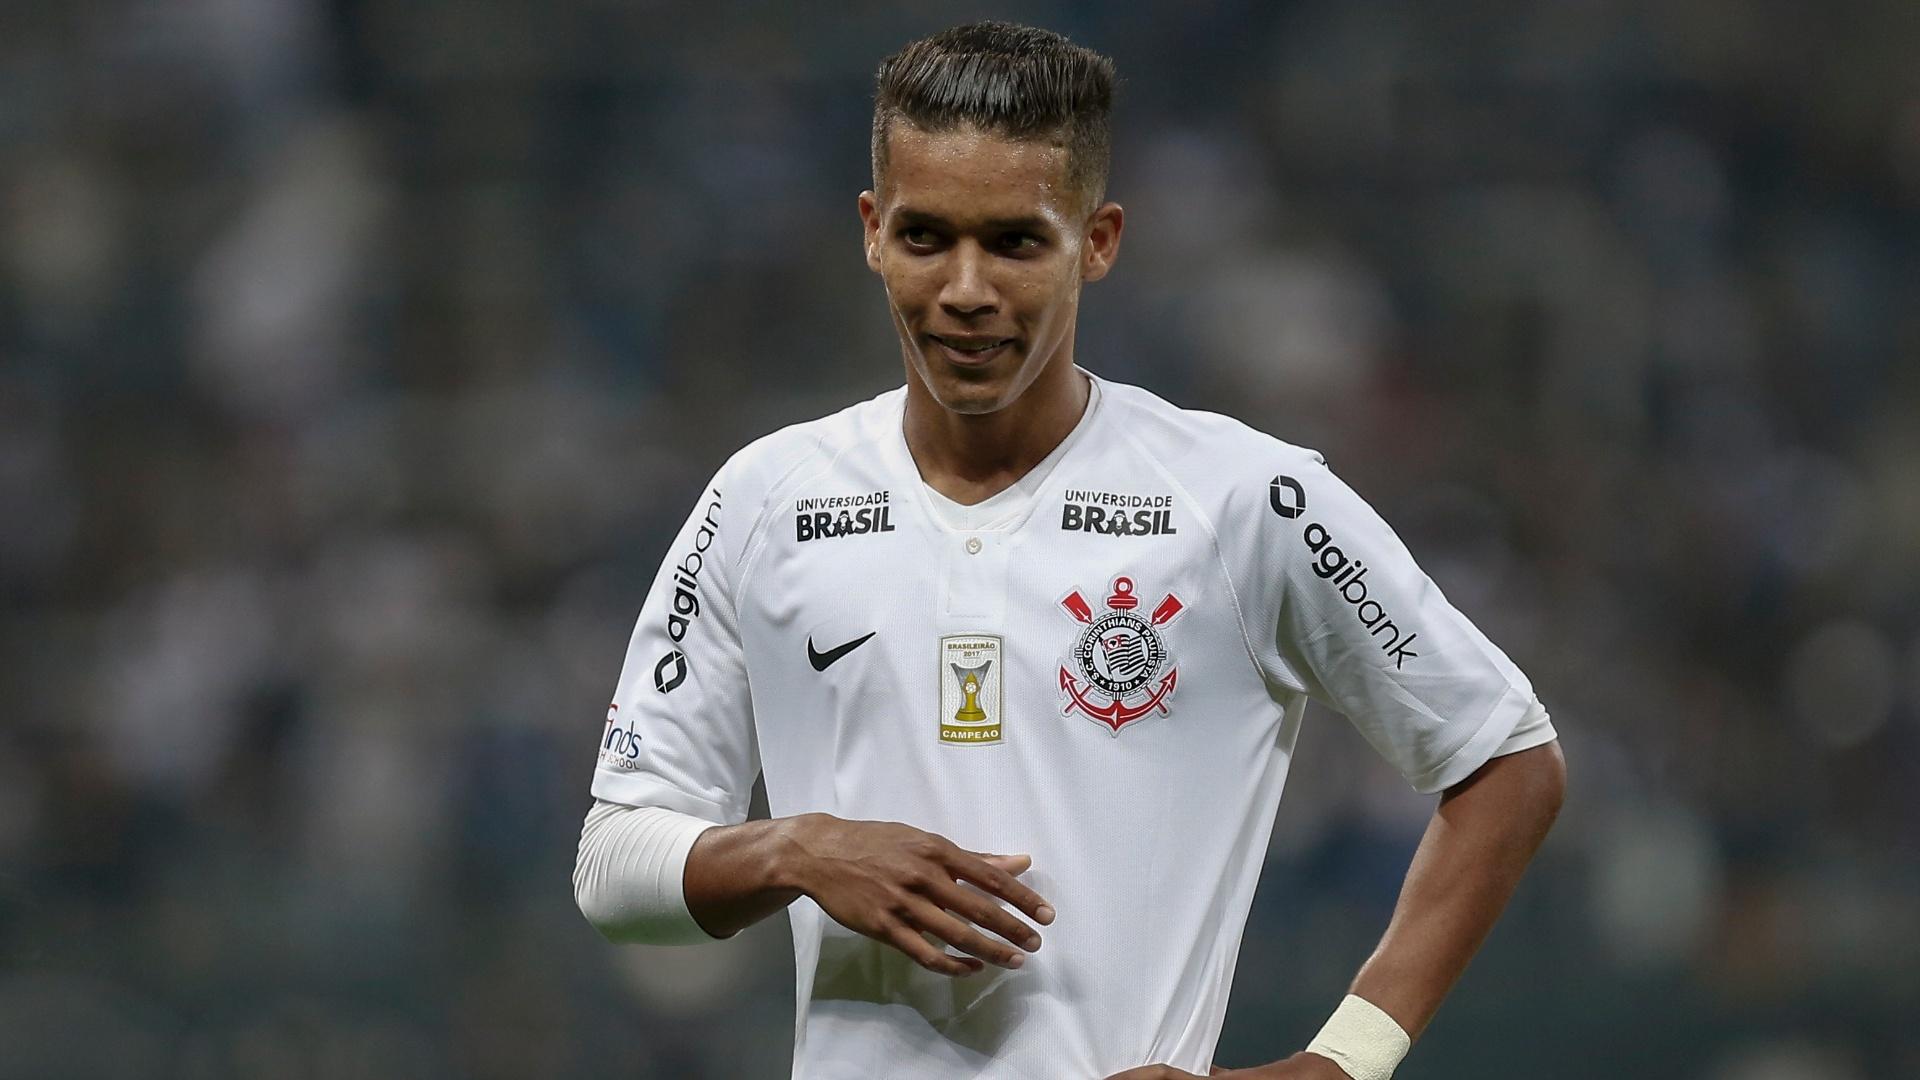 Pedrinho em ação pelo Corinthians no jogo contra o Vitória